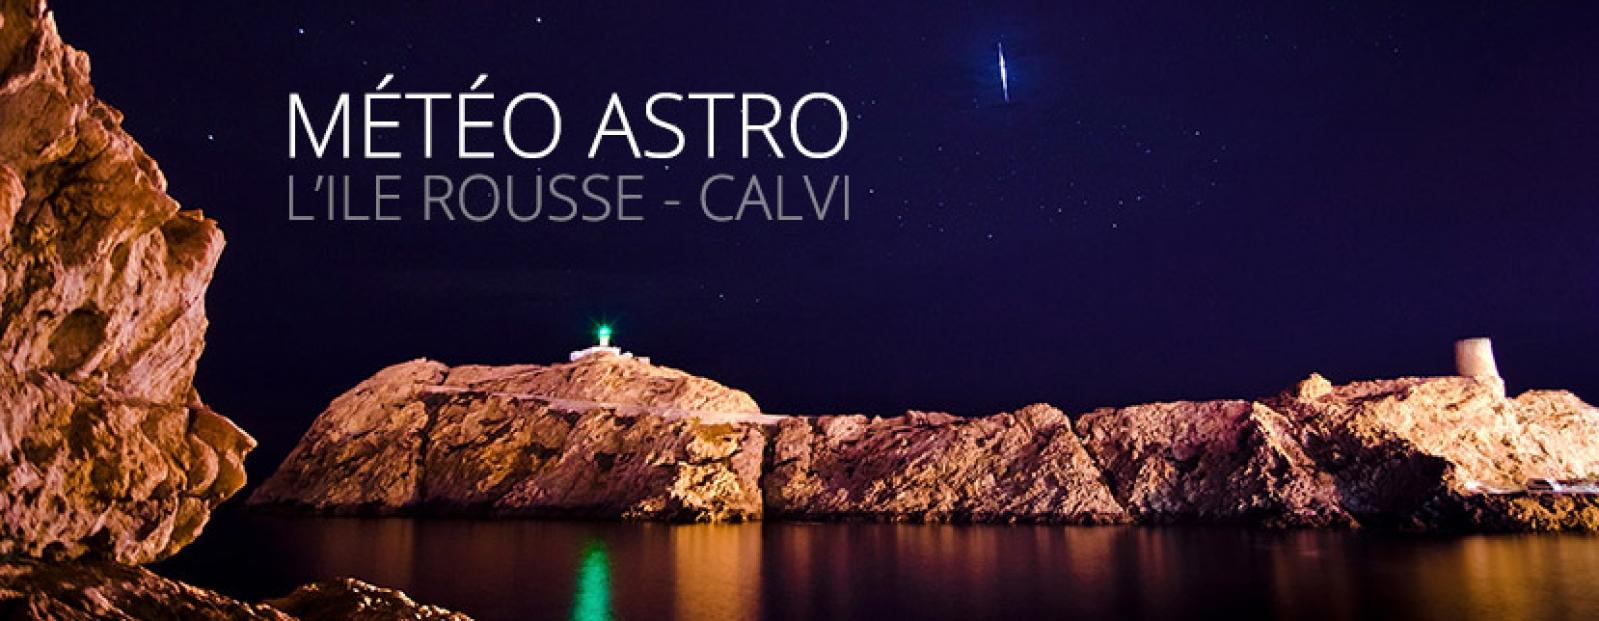 meteo astronomie